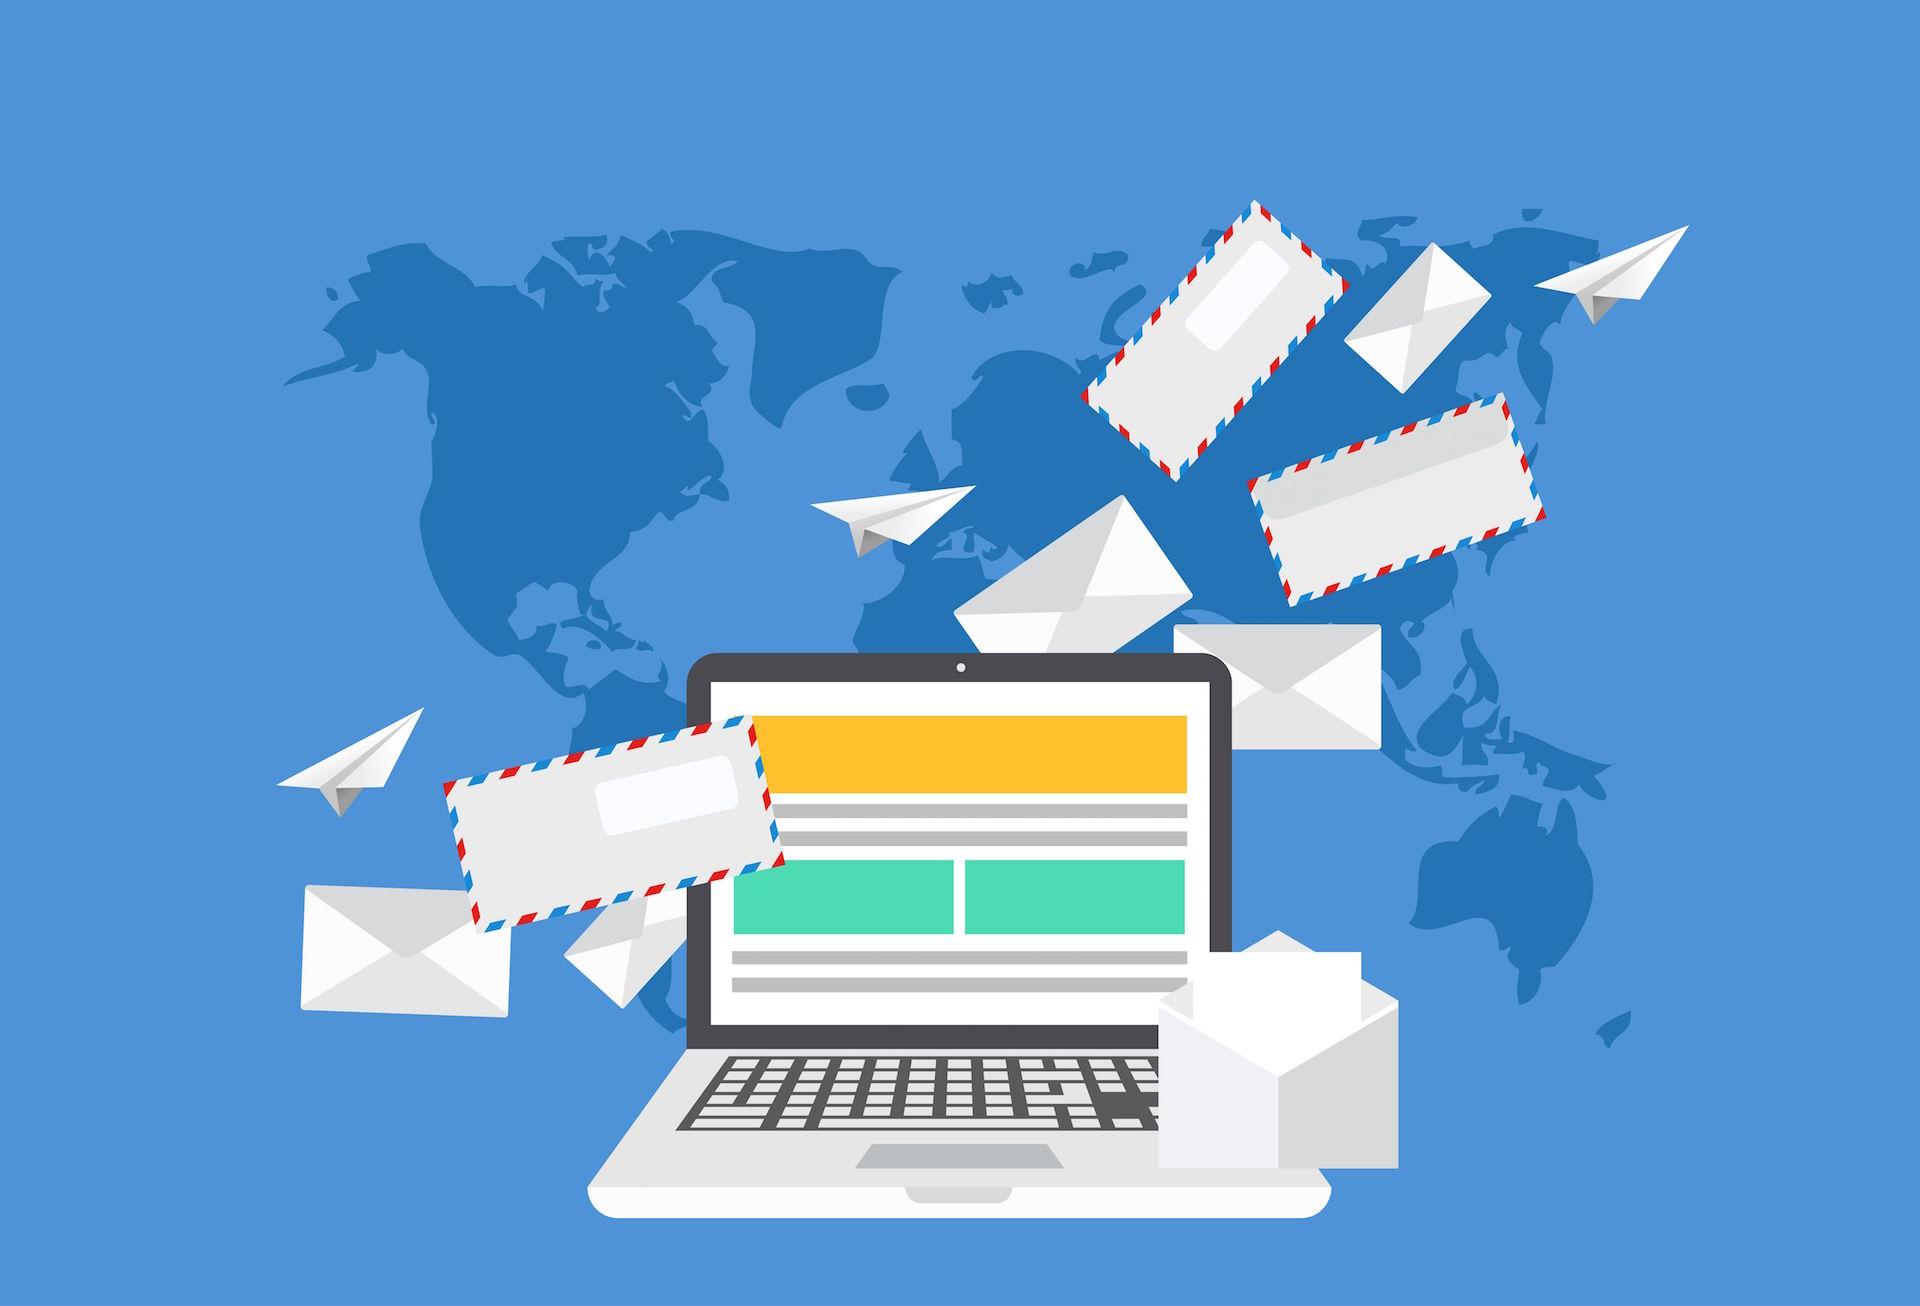 conseils pour les débutants en marketing par courriel.jpg